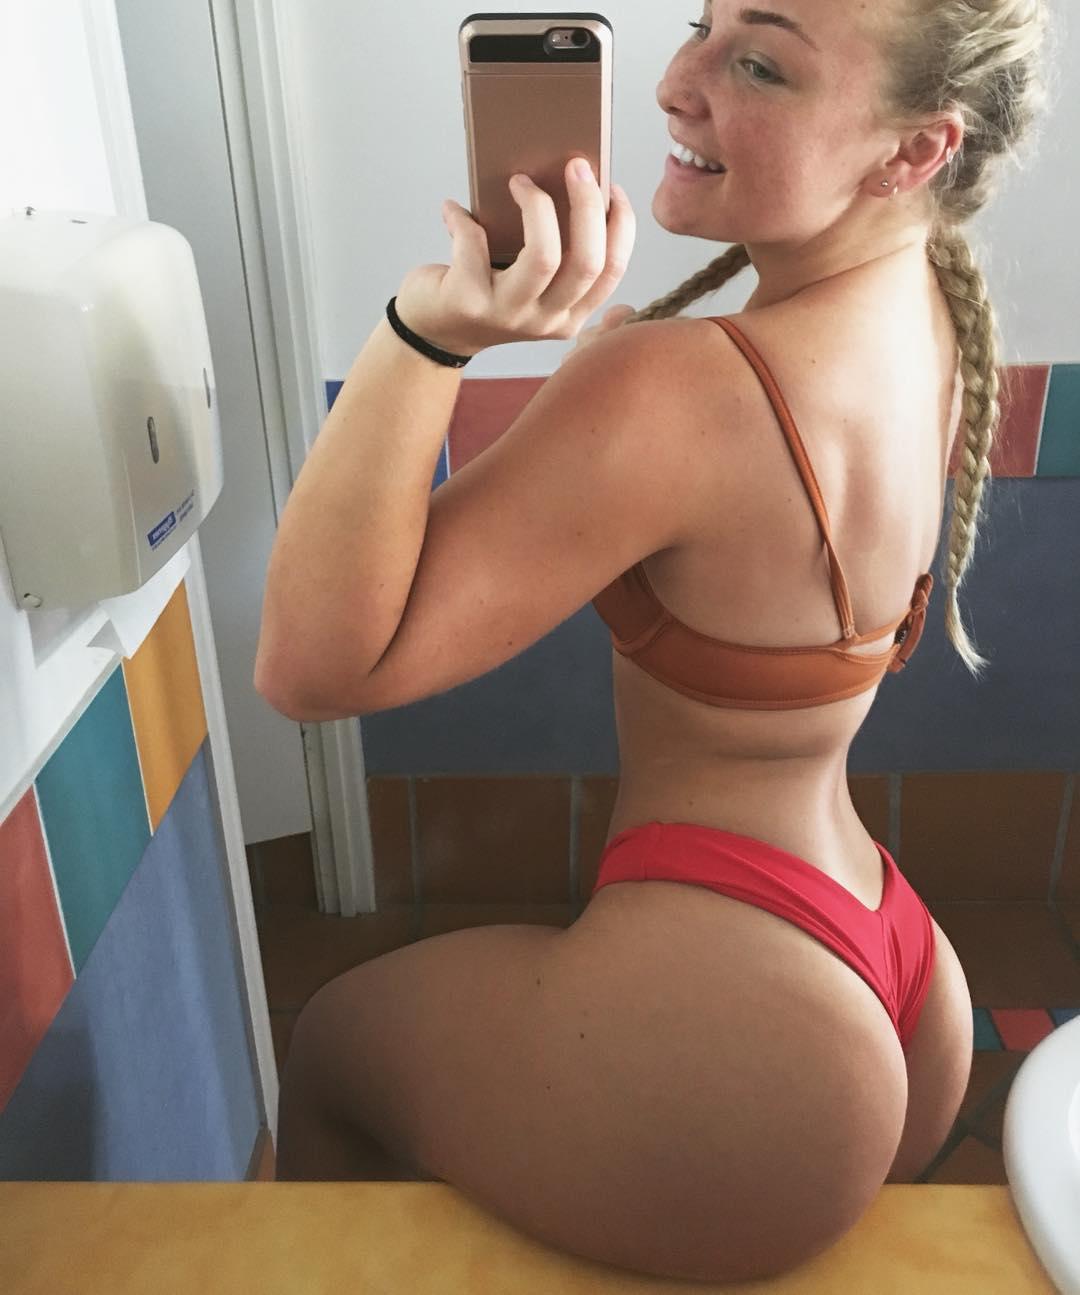 Ass Selfie Porn Blonde blonde braids and a fat ass porn pic - eporner